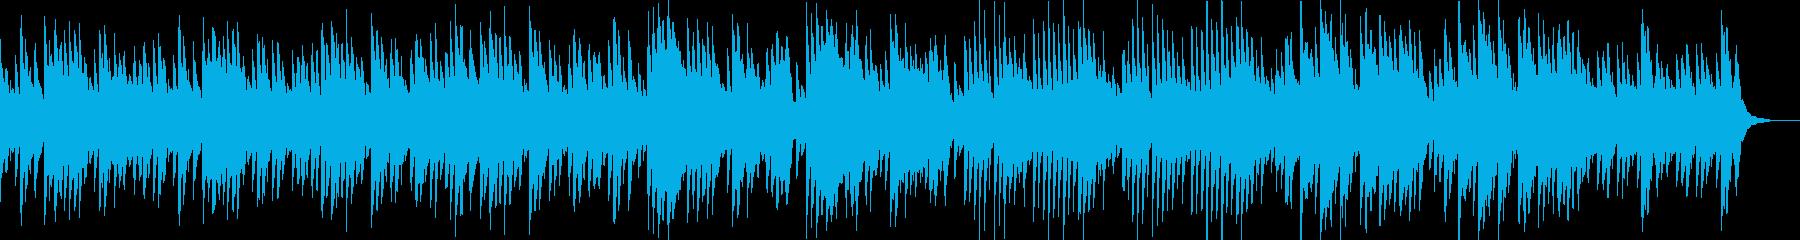 憂鬱で暗いゆったりとしたピアノ曲の再生済みの波形